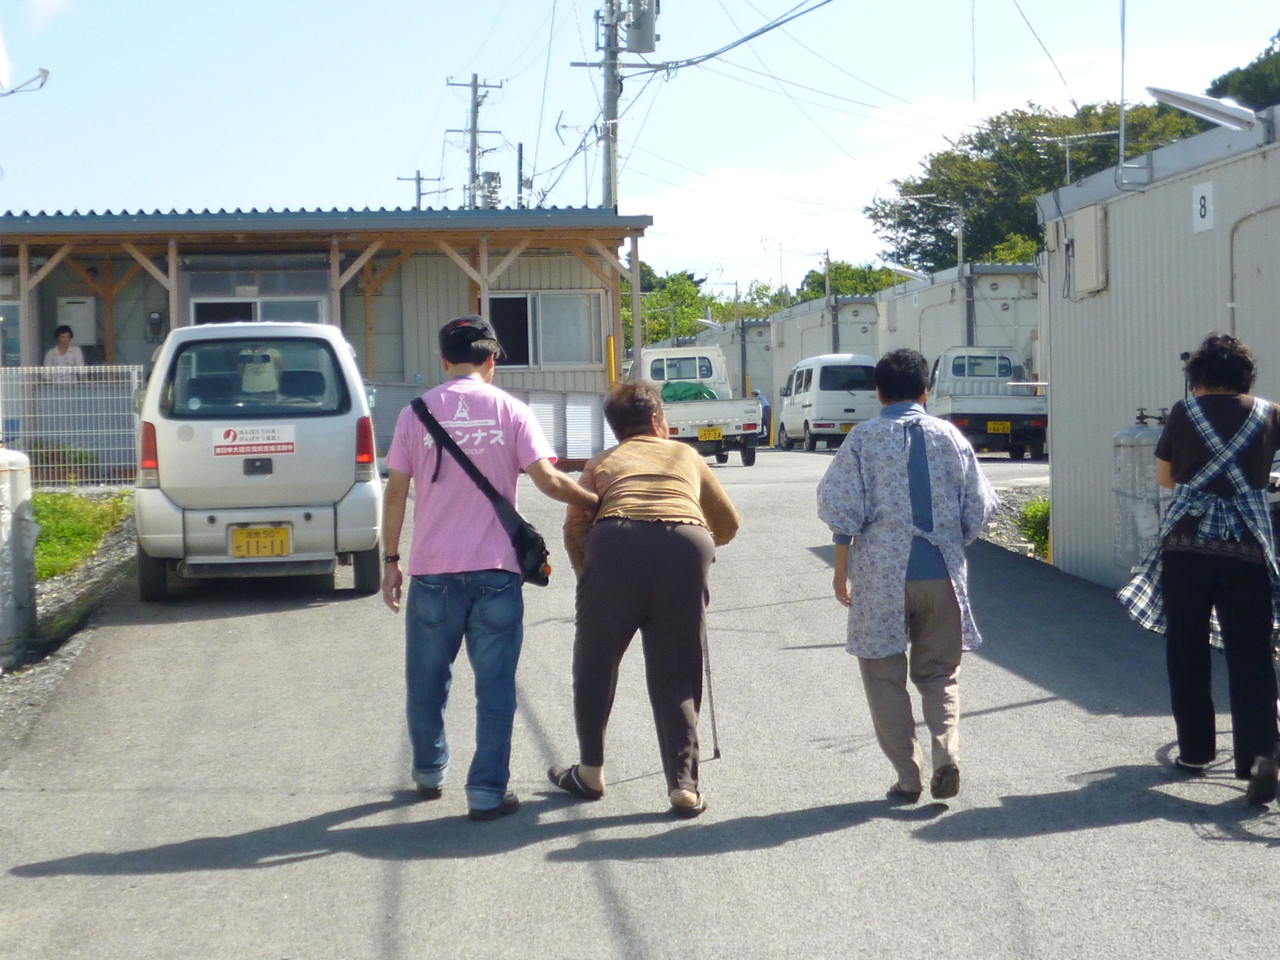 歩け歩け(リハビリ集団運動)